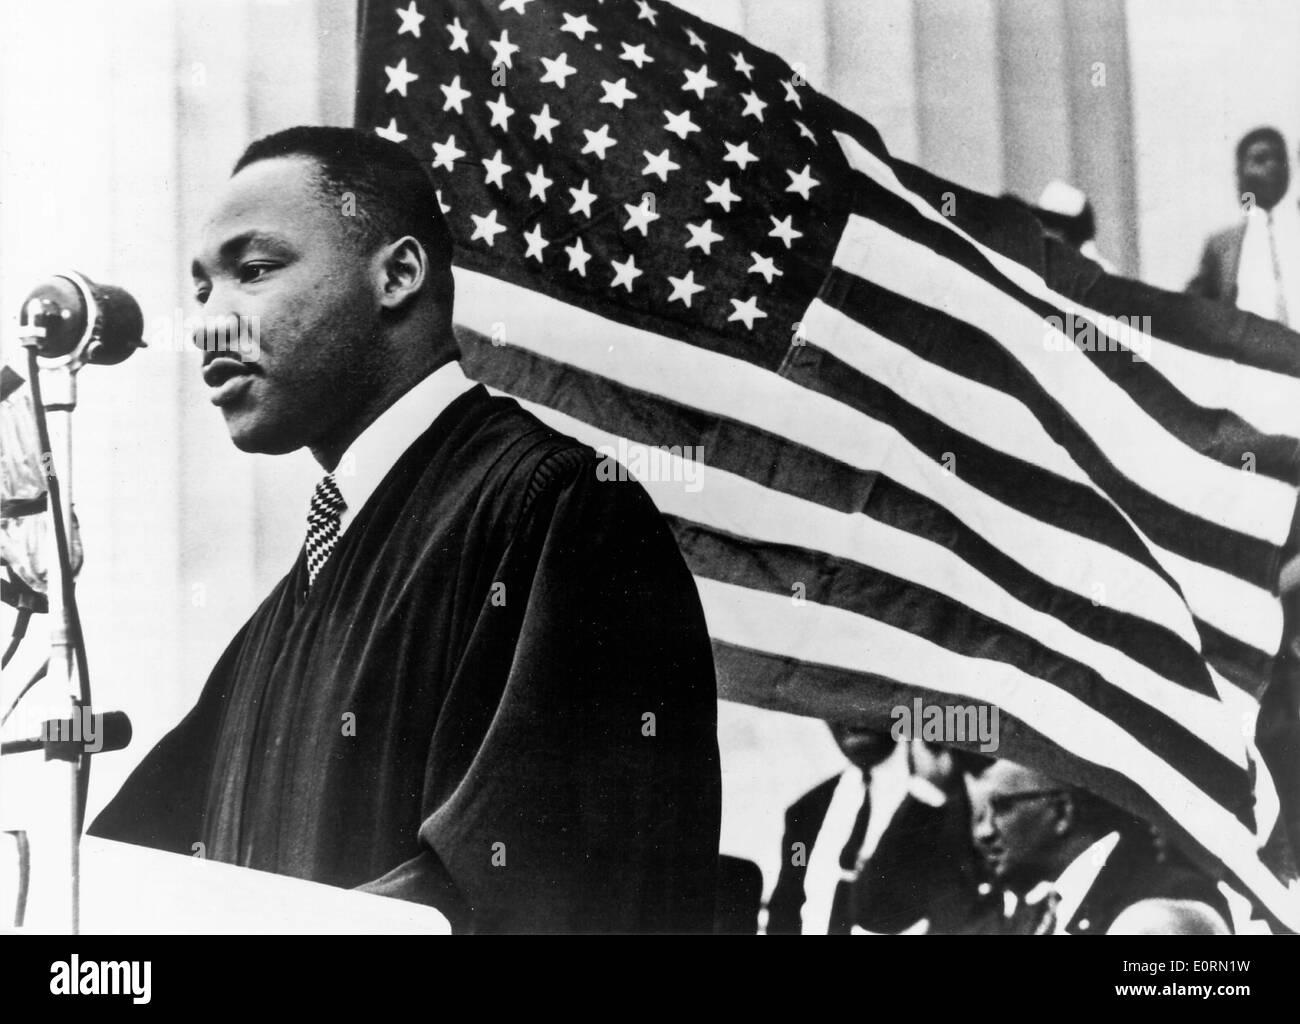 El Ministro Martin Luther King, Jr. La predicación en un evento Imagen De Stock